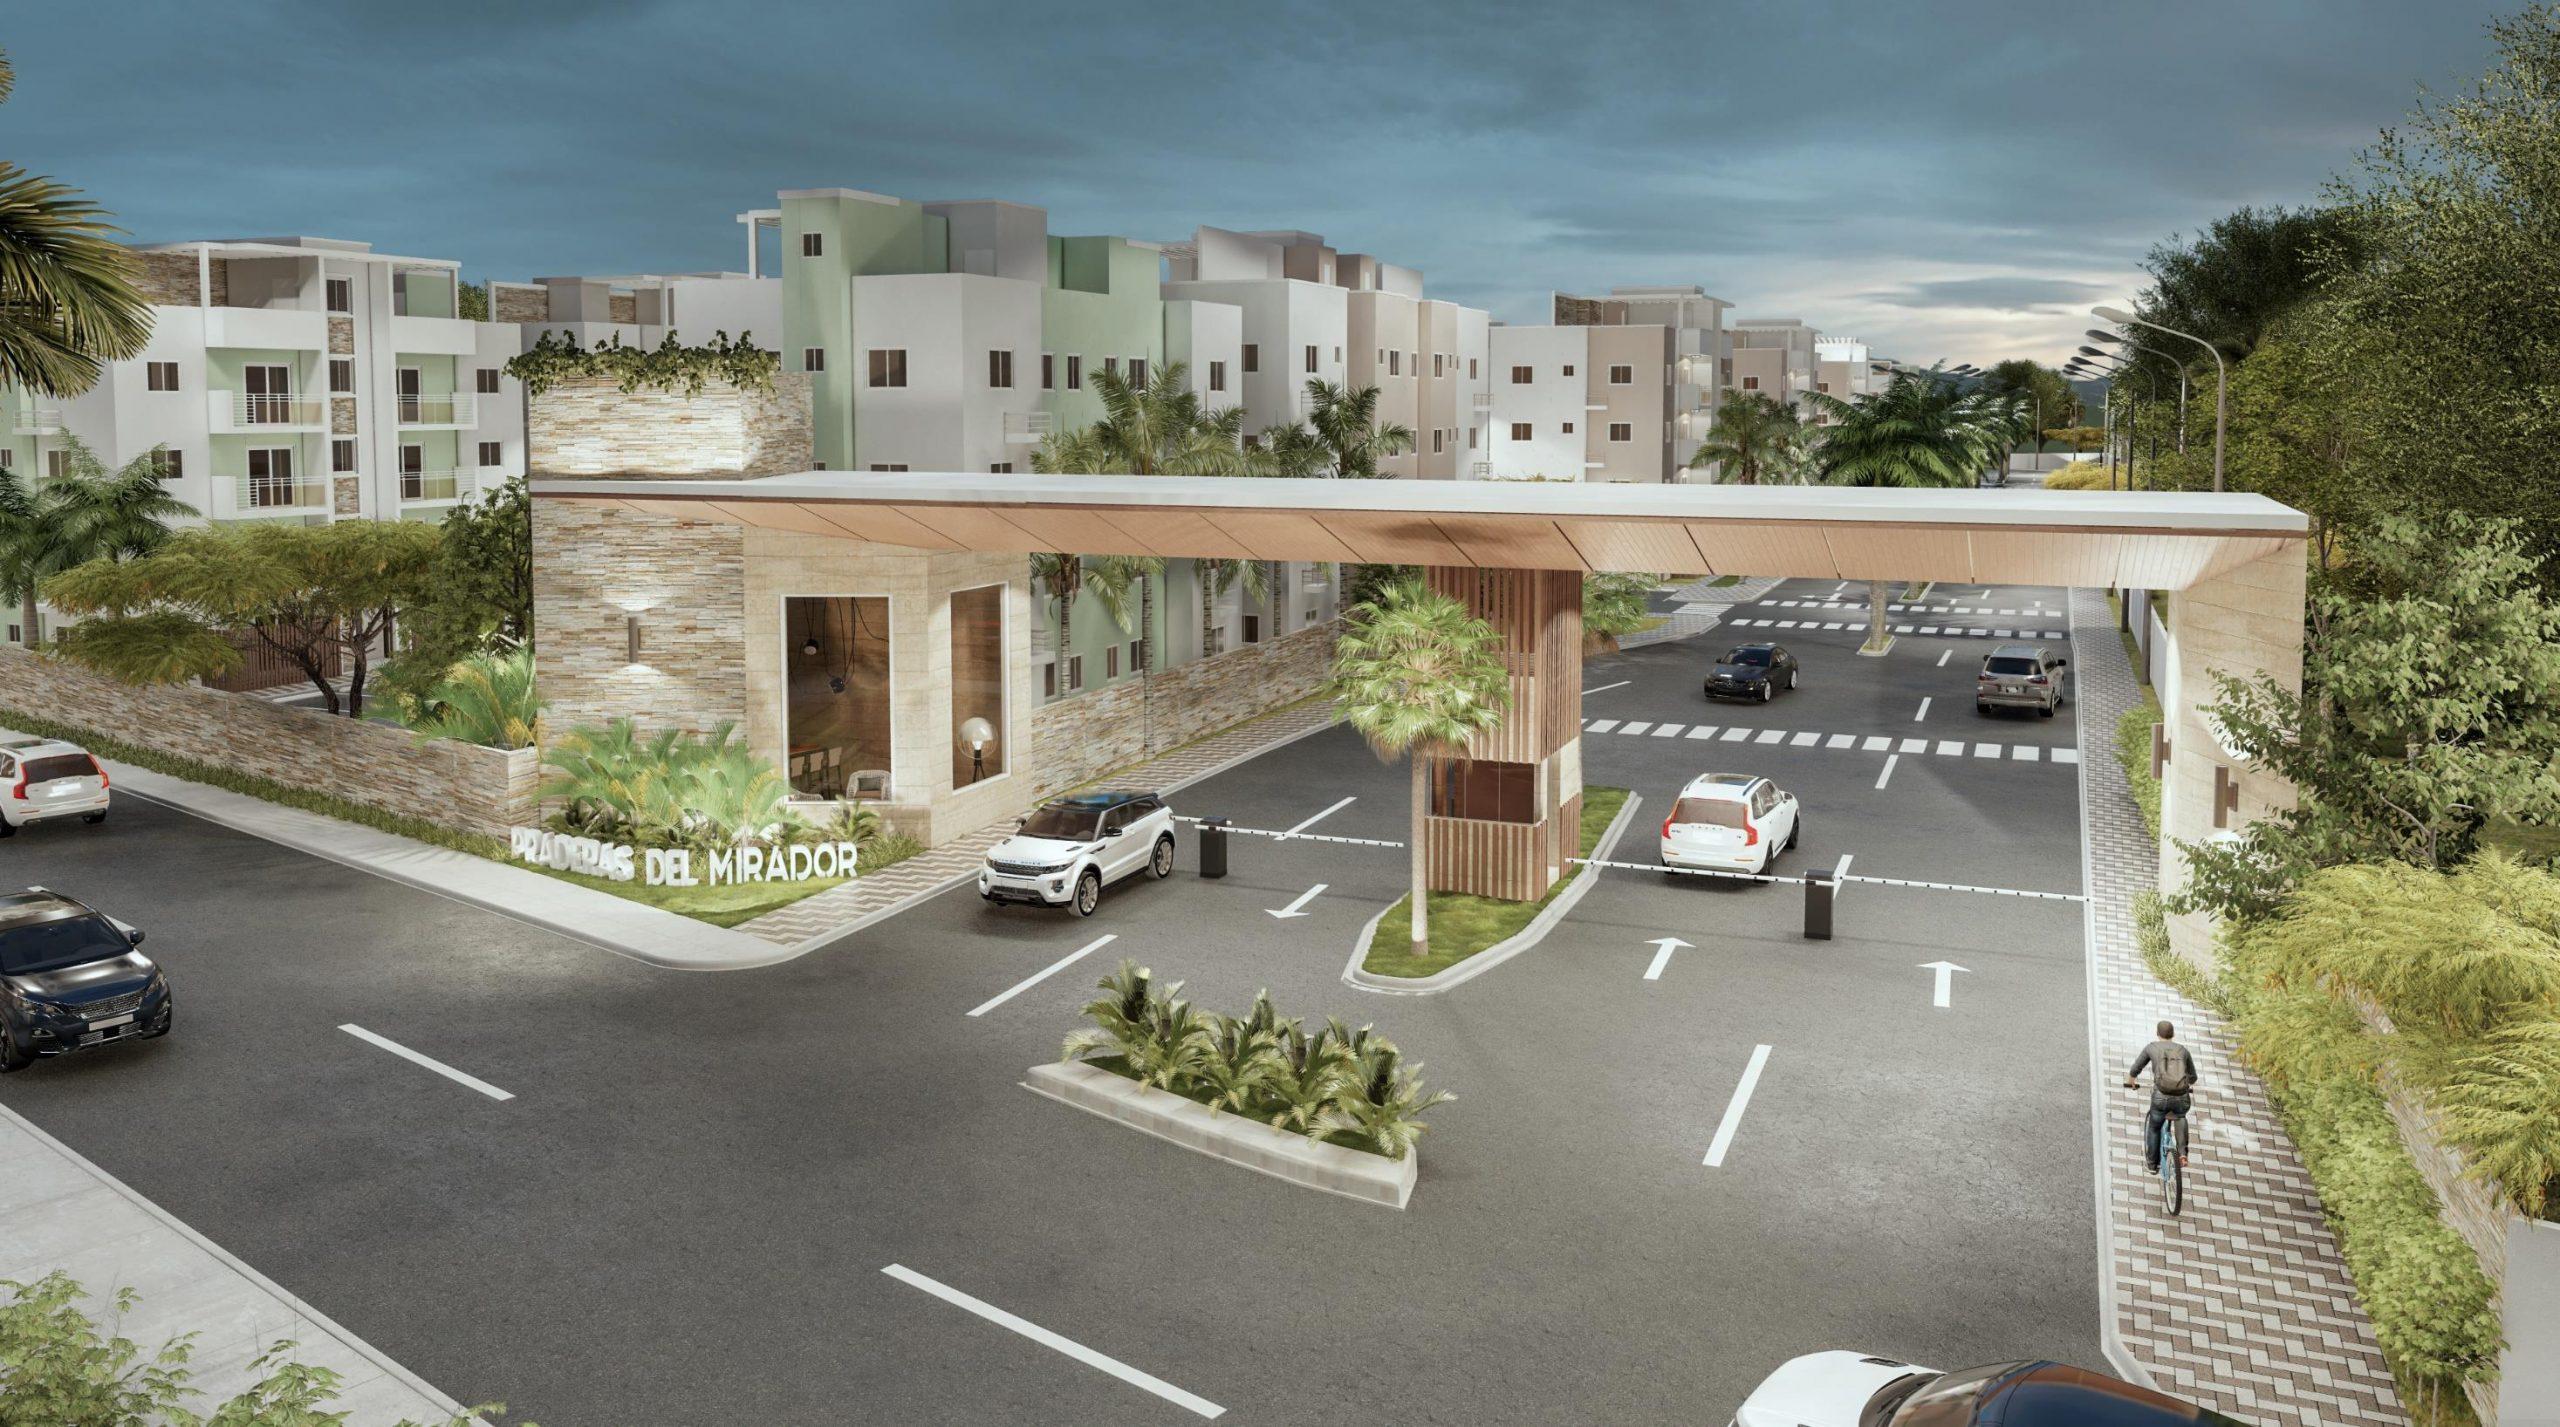 Proyecto de apartamentos con Bono Vivienda-Jacobo Majluta.